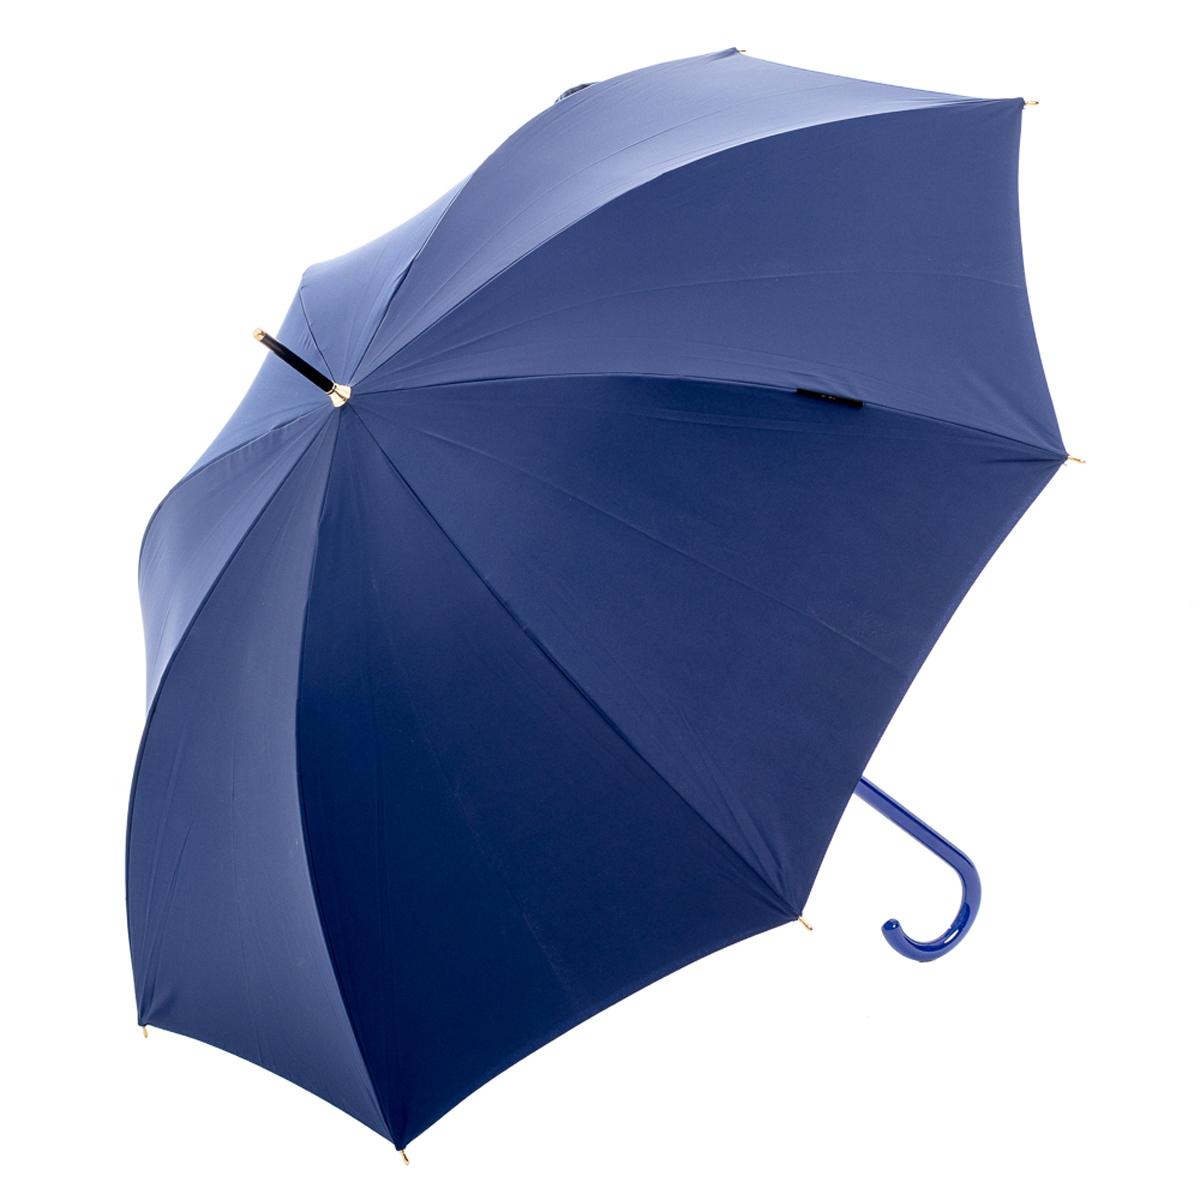 Зонт женский Slava Zaitsev, цвет: синий. SZ-059/2 DoubleКолье (короткие одноярусные бусы)Двухкупольный зонт-трость с дизайном В.М. Зайцева. Внешний купол однотонный, внутренний с дизайном. Спицы спрятаны между двуми слоями ткани. Автоматическое открытие, спицы и шток из высококарбонистой стали. Ткань - полиэстер. Диаметр купола 105 см по нижней части. Длина в сложенном состоянии - 95 см.